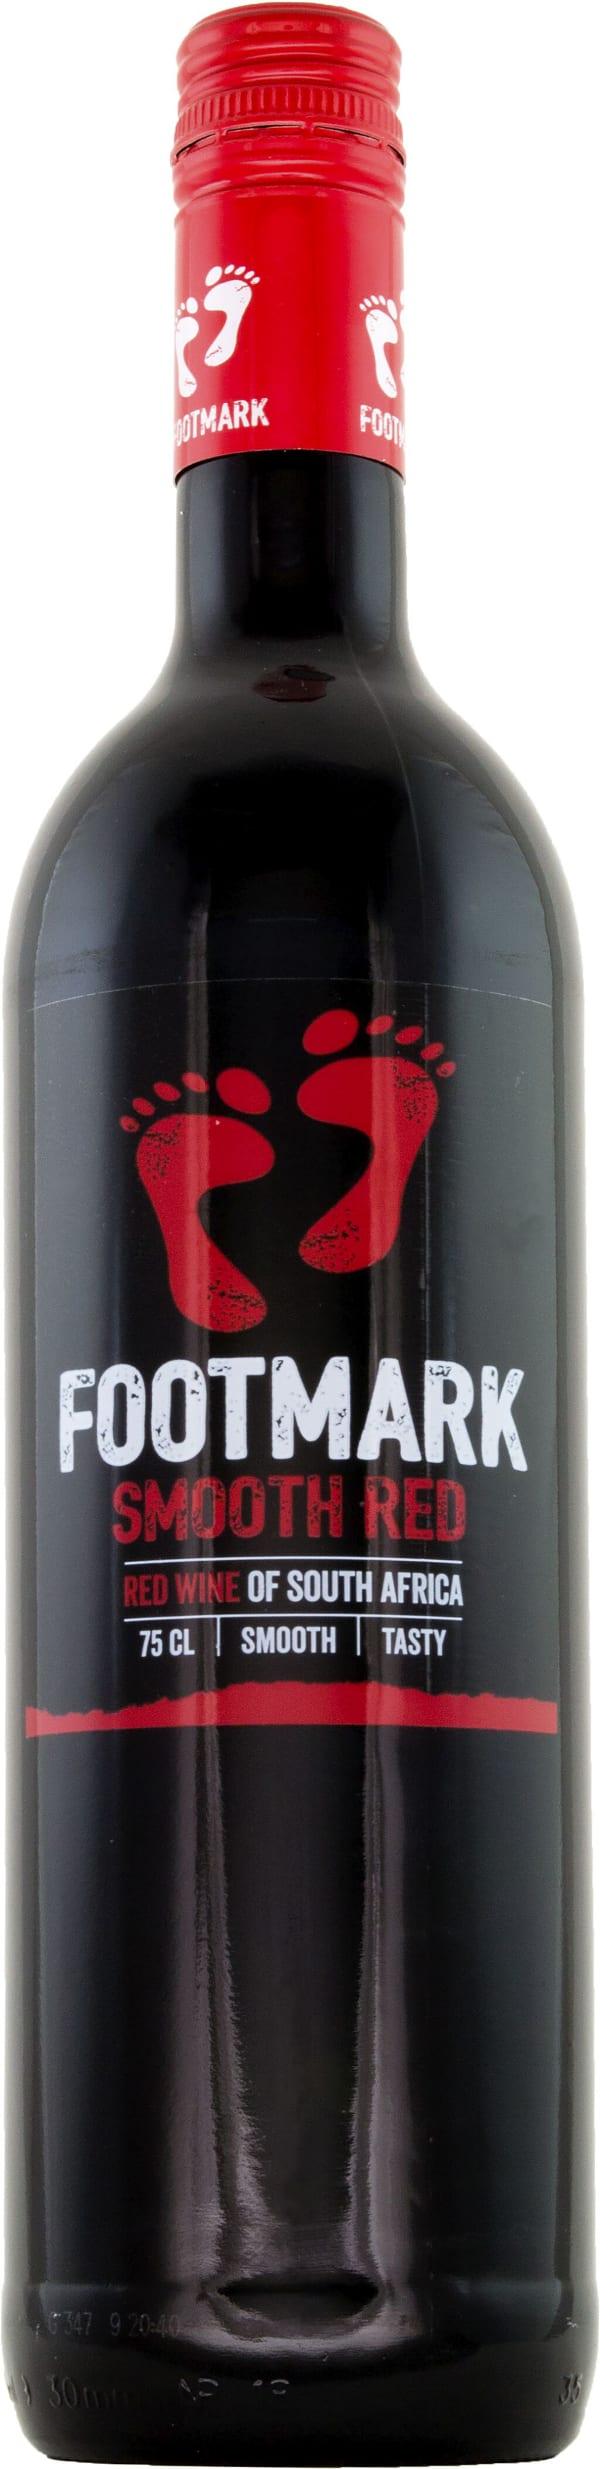 Footmark Merlot Cinsault 2018